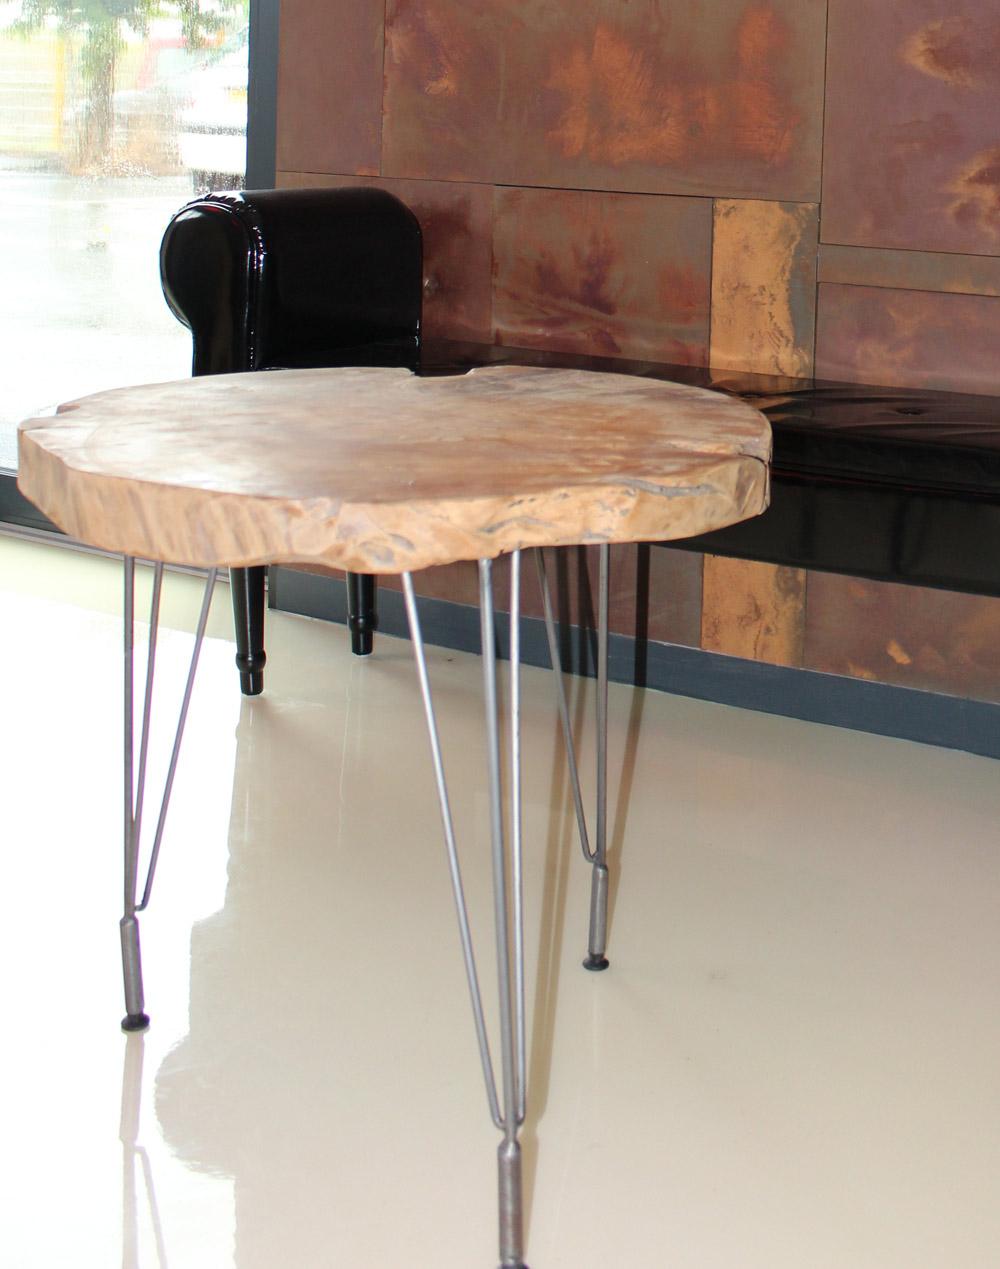 peinture et r sine pour sol simab fabricant peinture et vernis en vend e. Black Bedroom Furniture Sets. Home Design Ideas